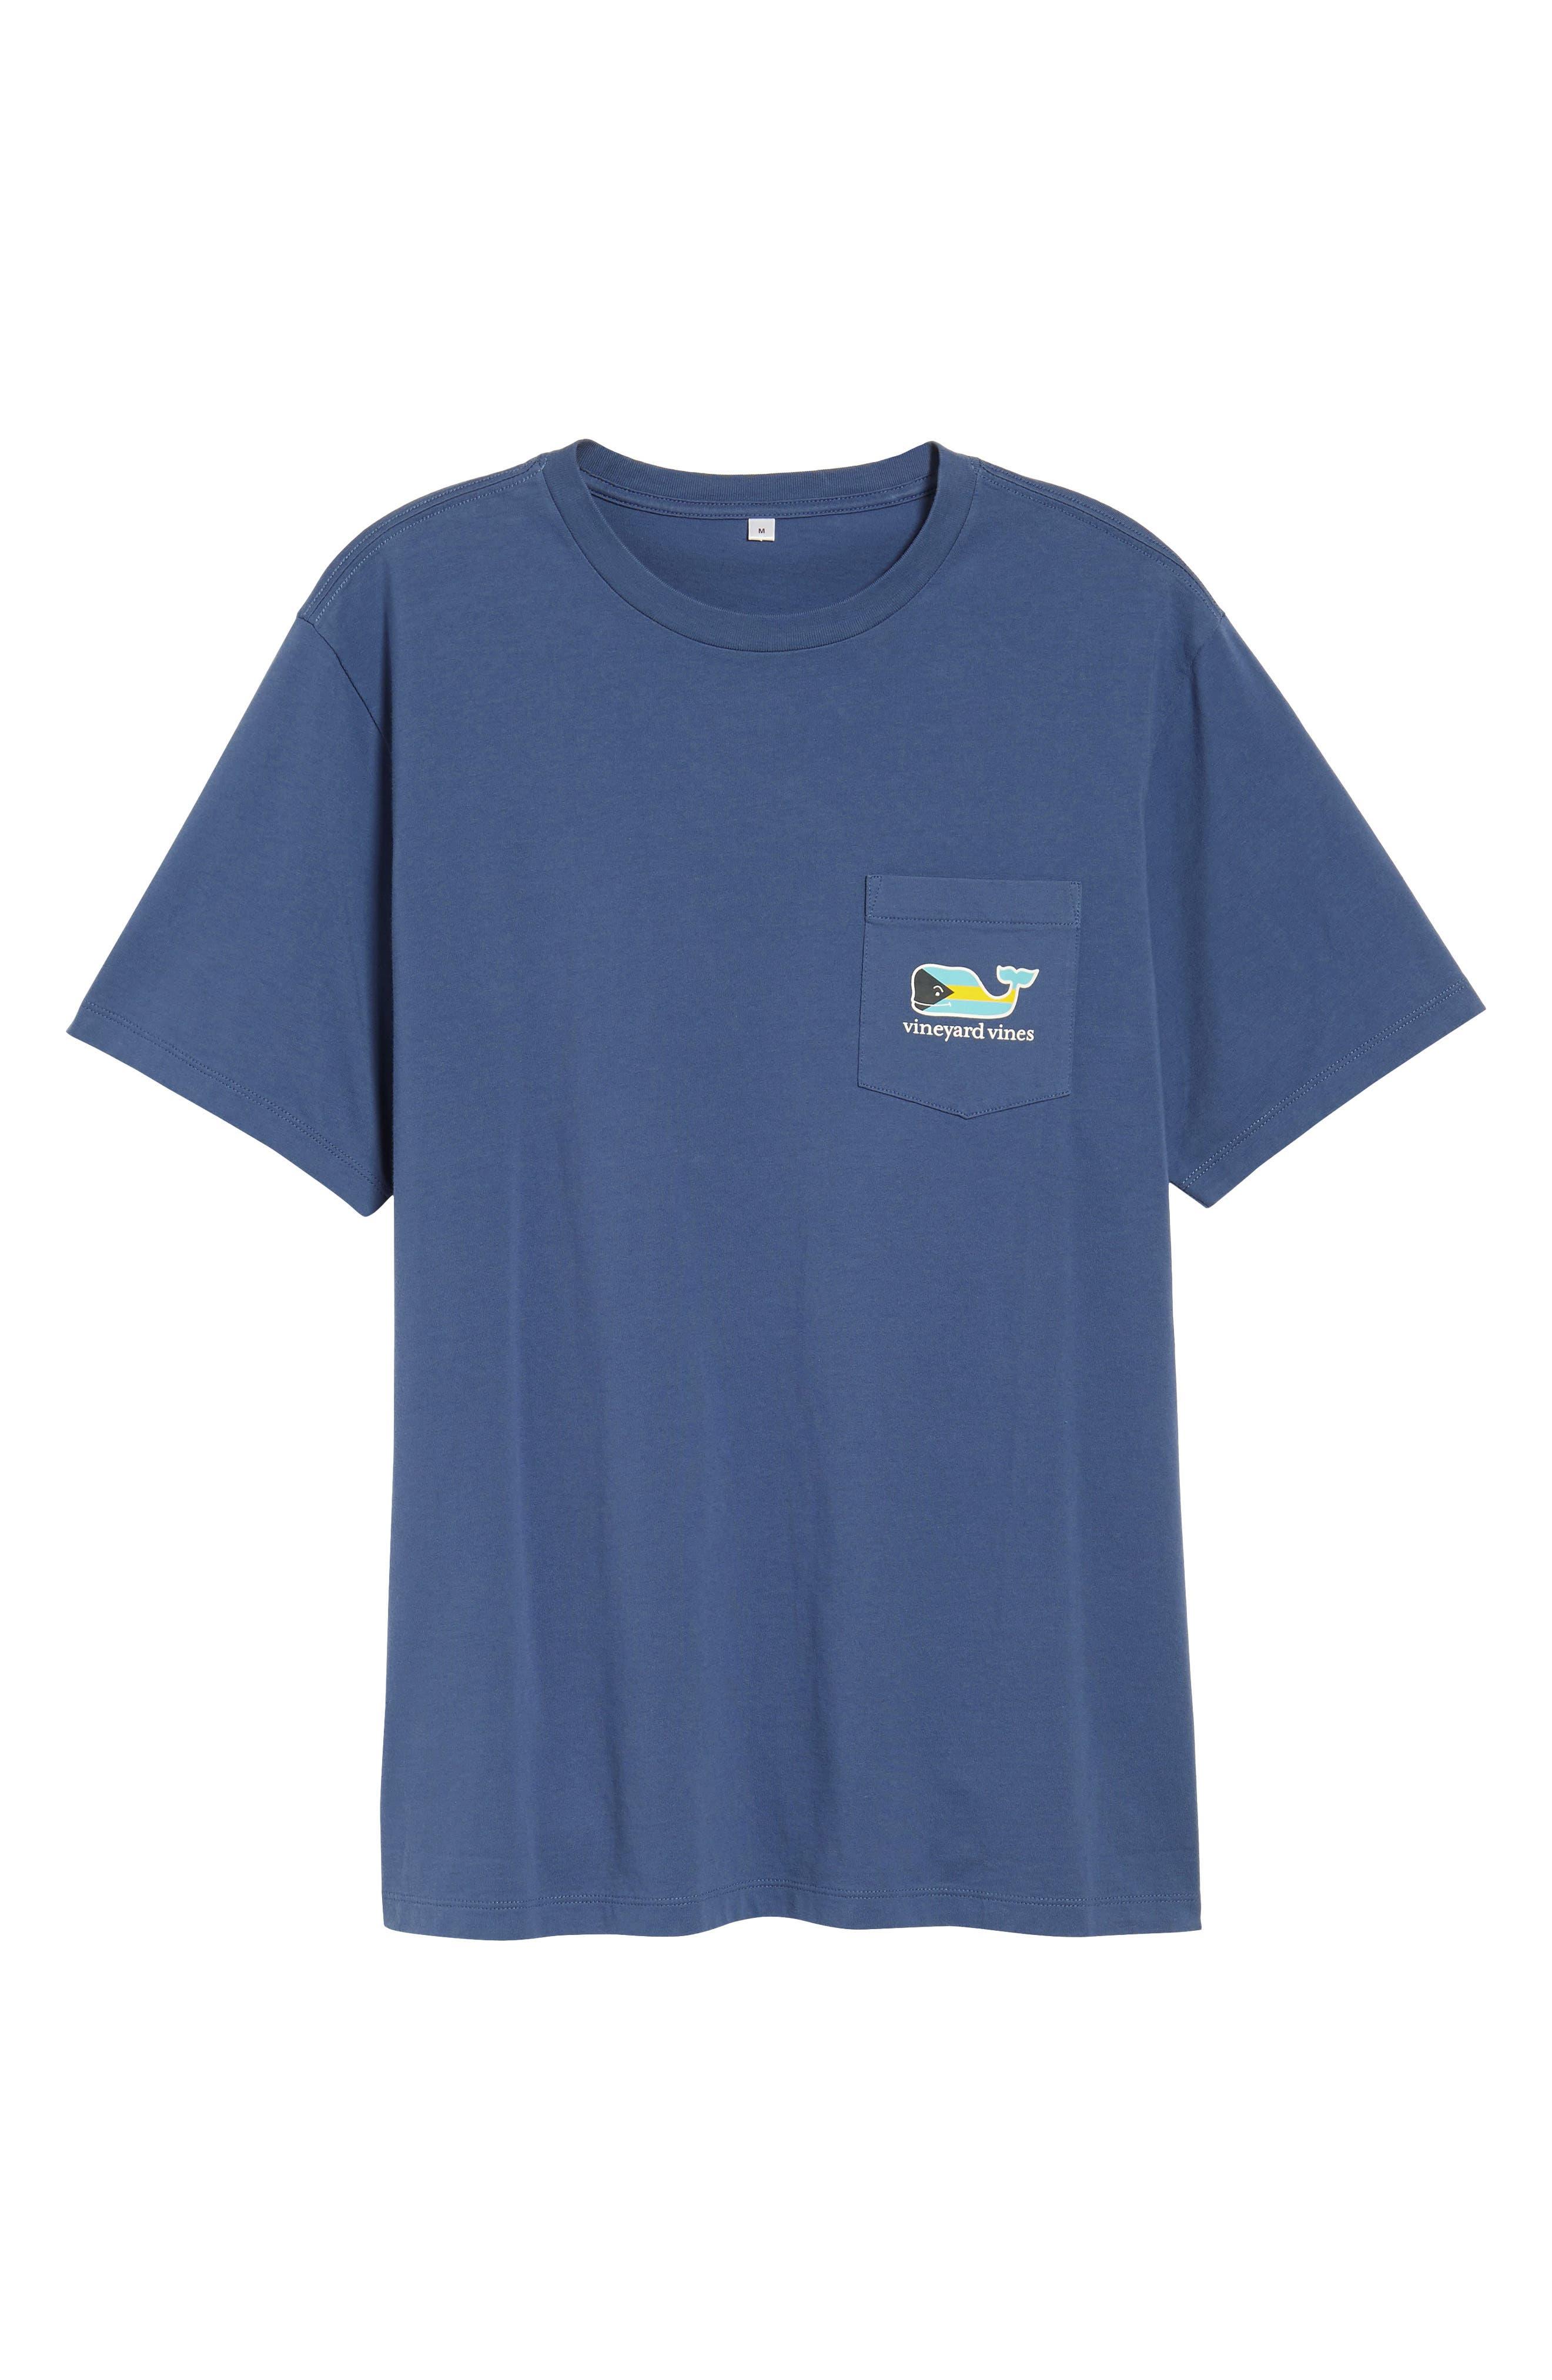 Bahamas Whale Crewneck Cotton T-Shirt,                             Alternate thumbnail 6, color,                             461